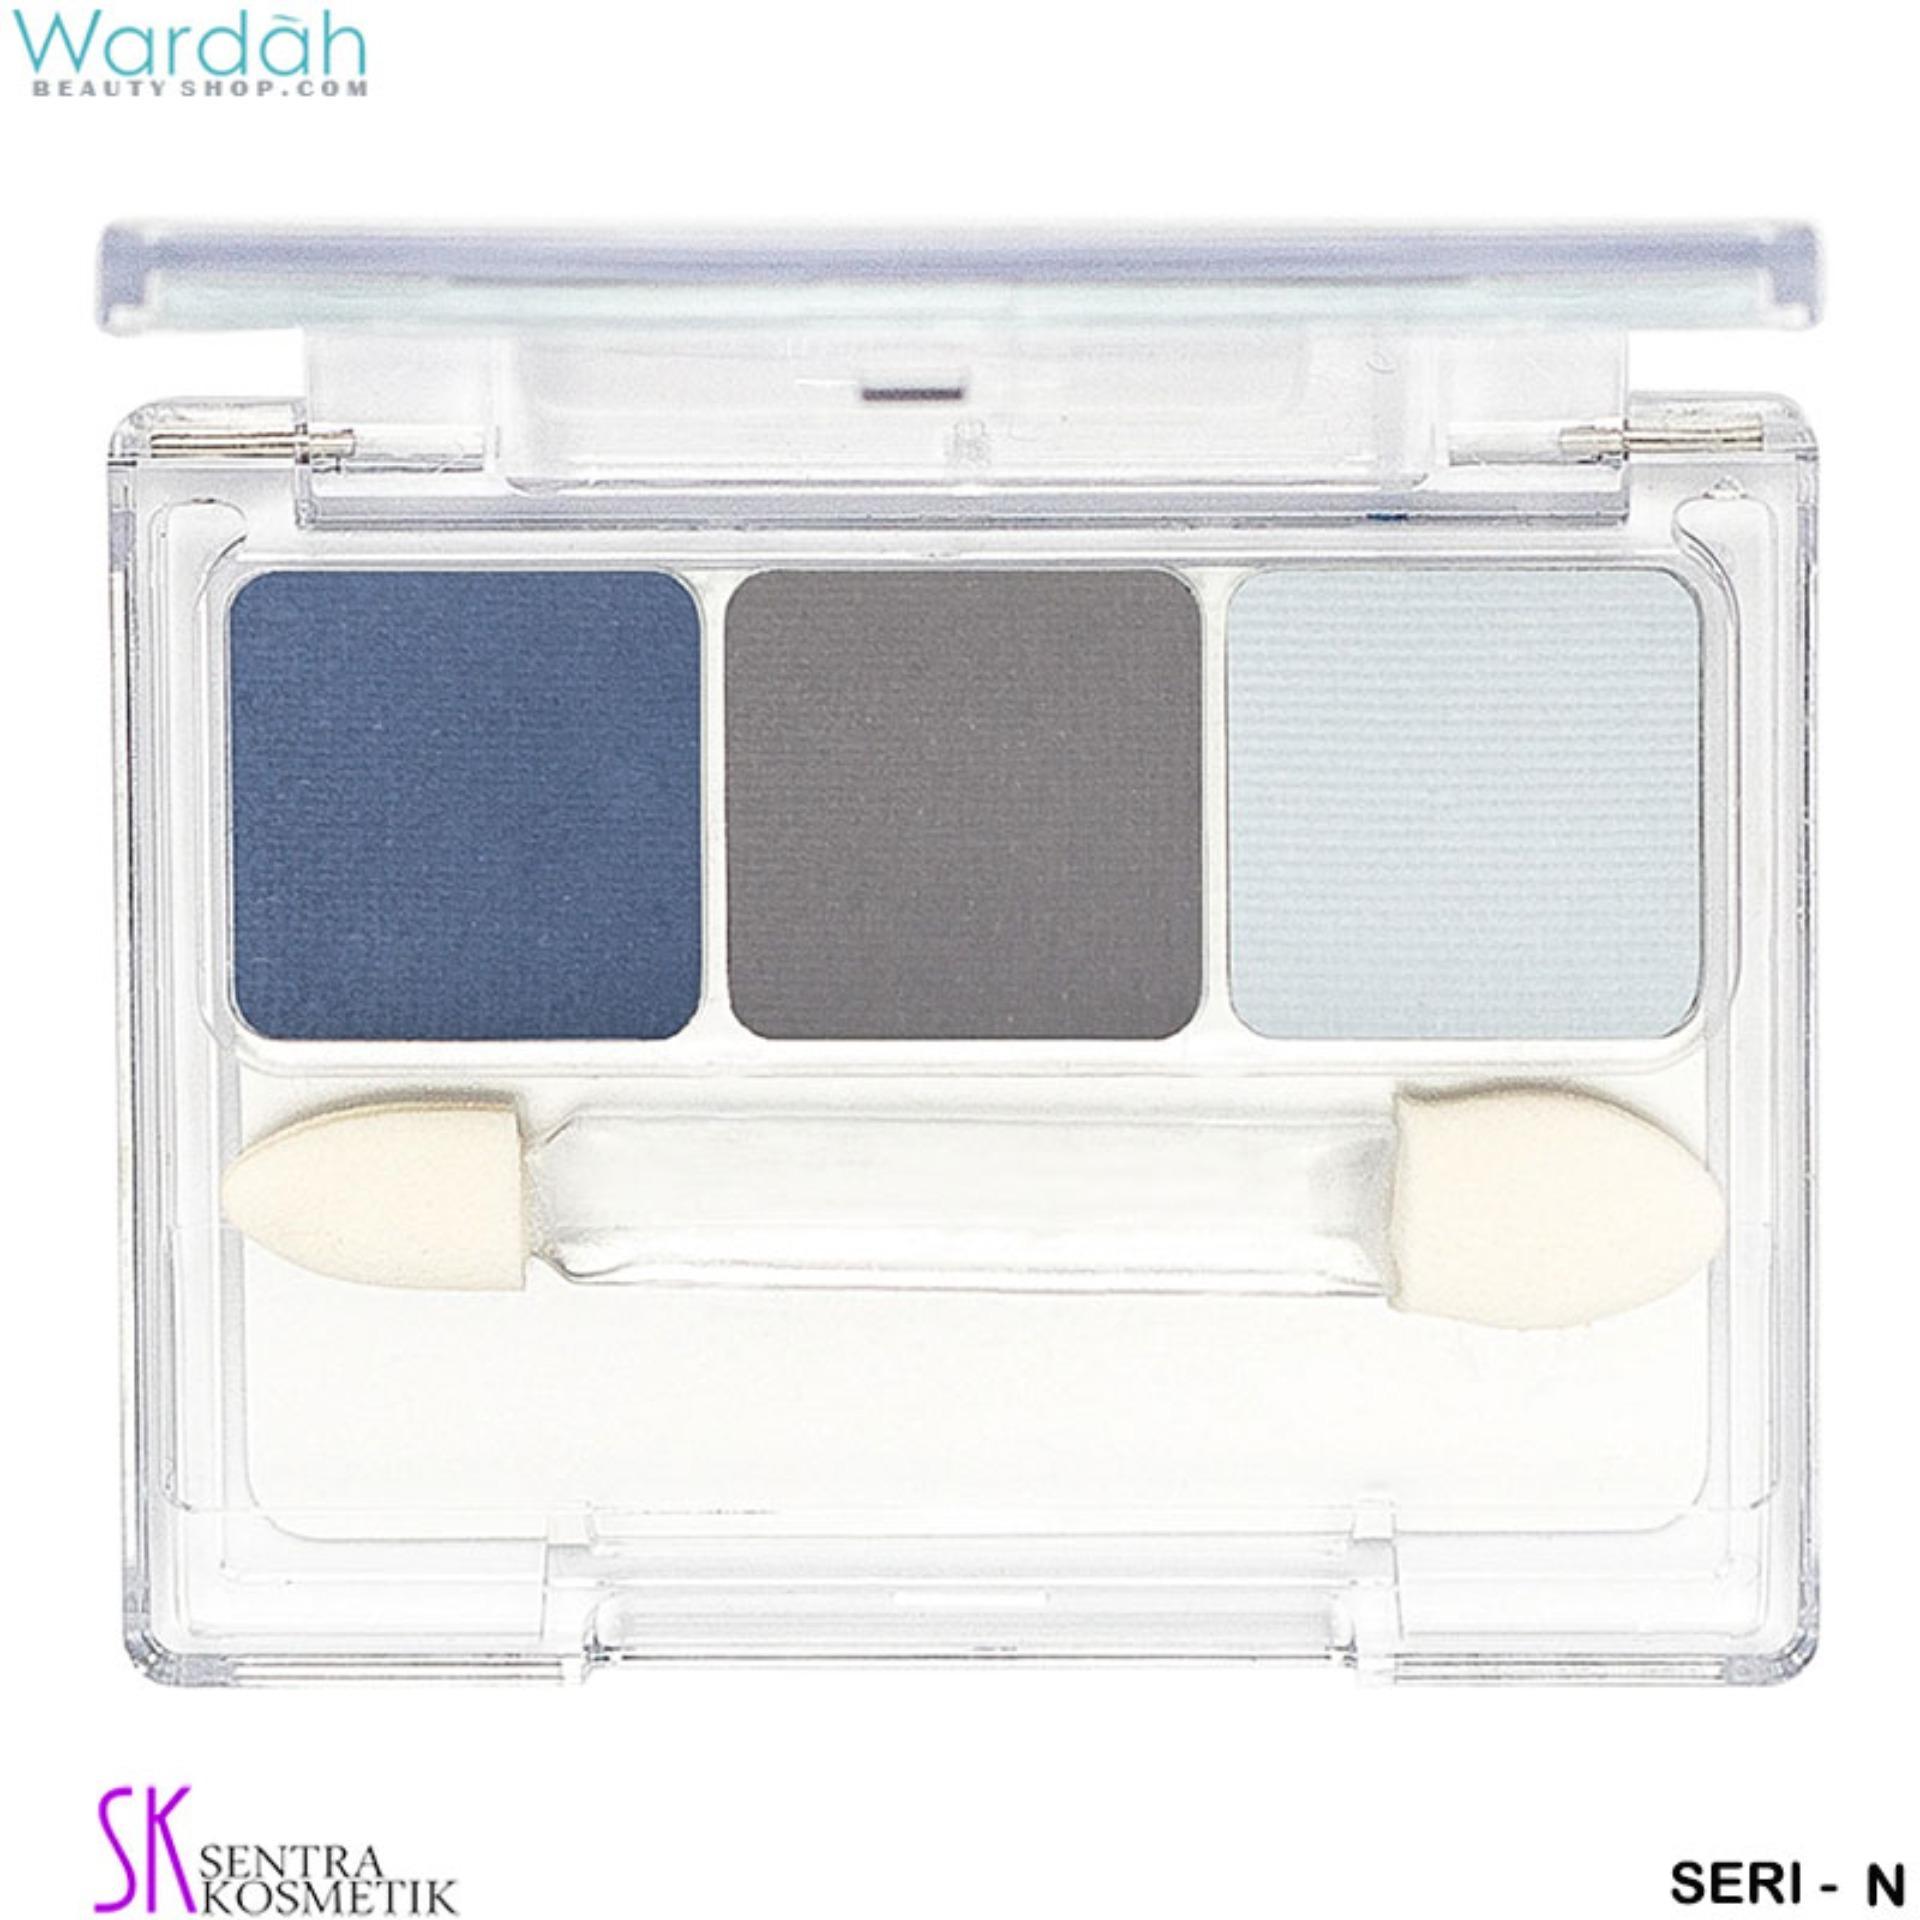 Wardah EyeShadow - N